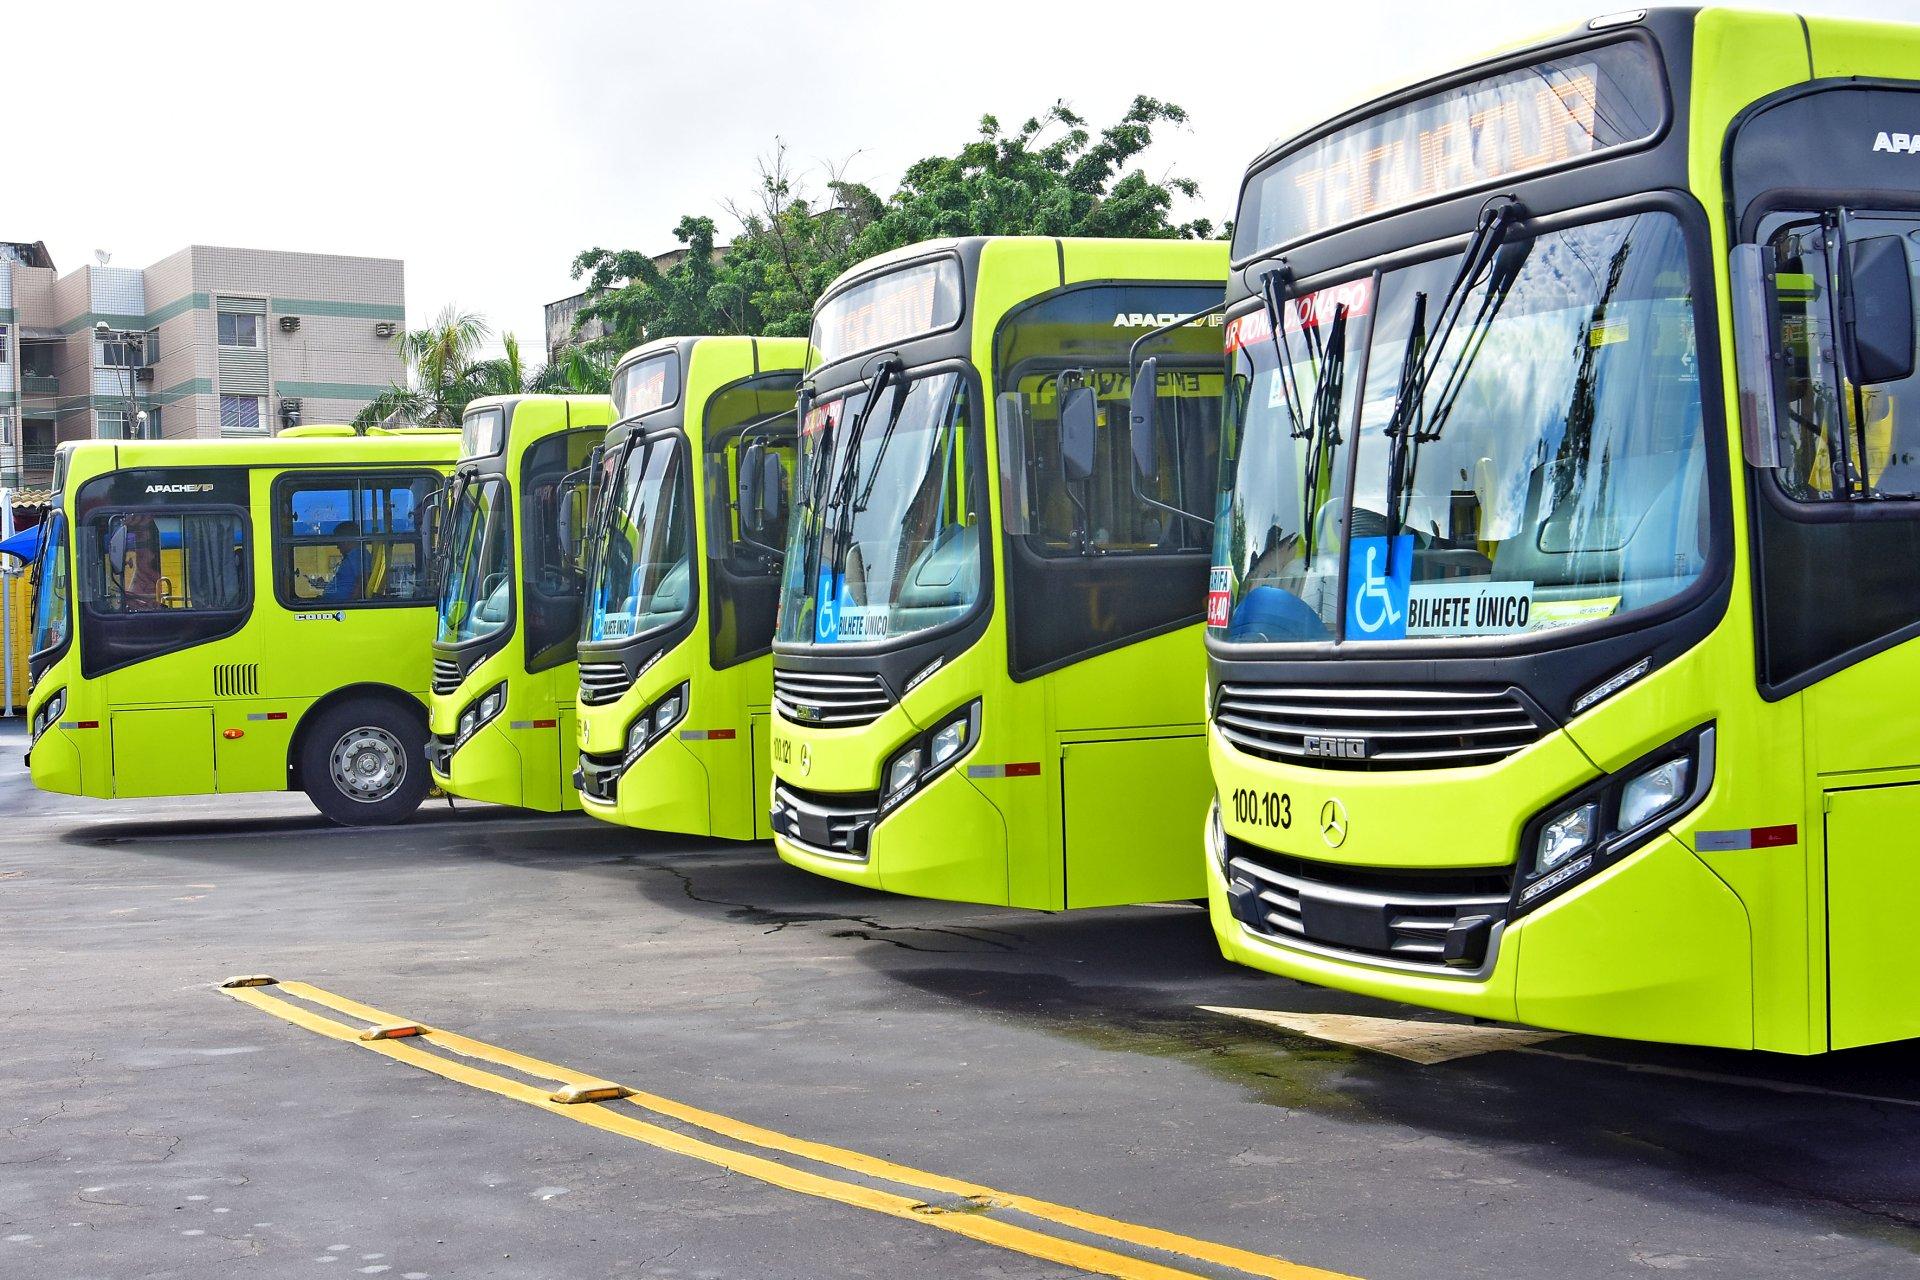 06cae4d38e2b Sistema de Transporte urbano de São Luís ganha novos ônibus com  ar-condicionado